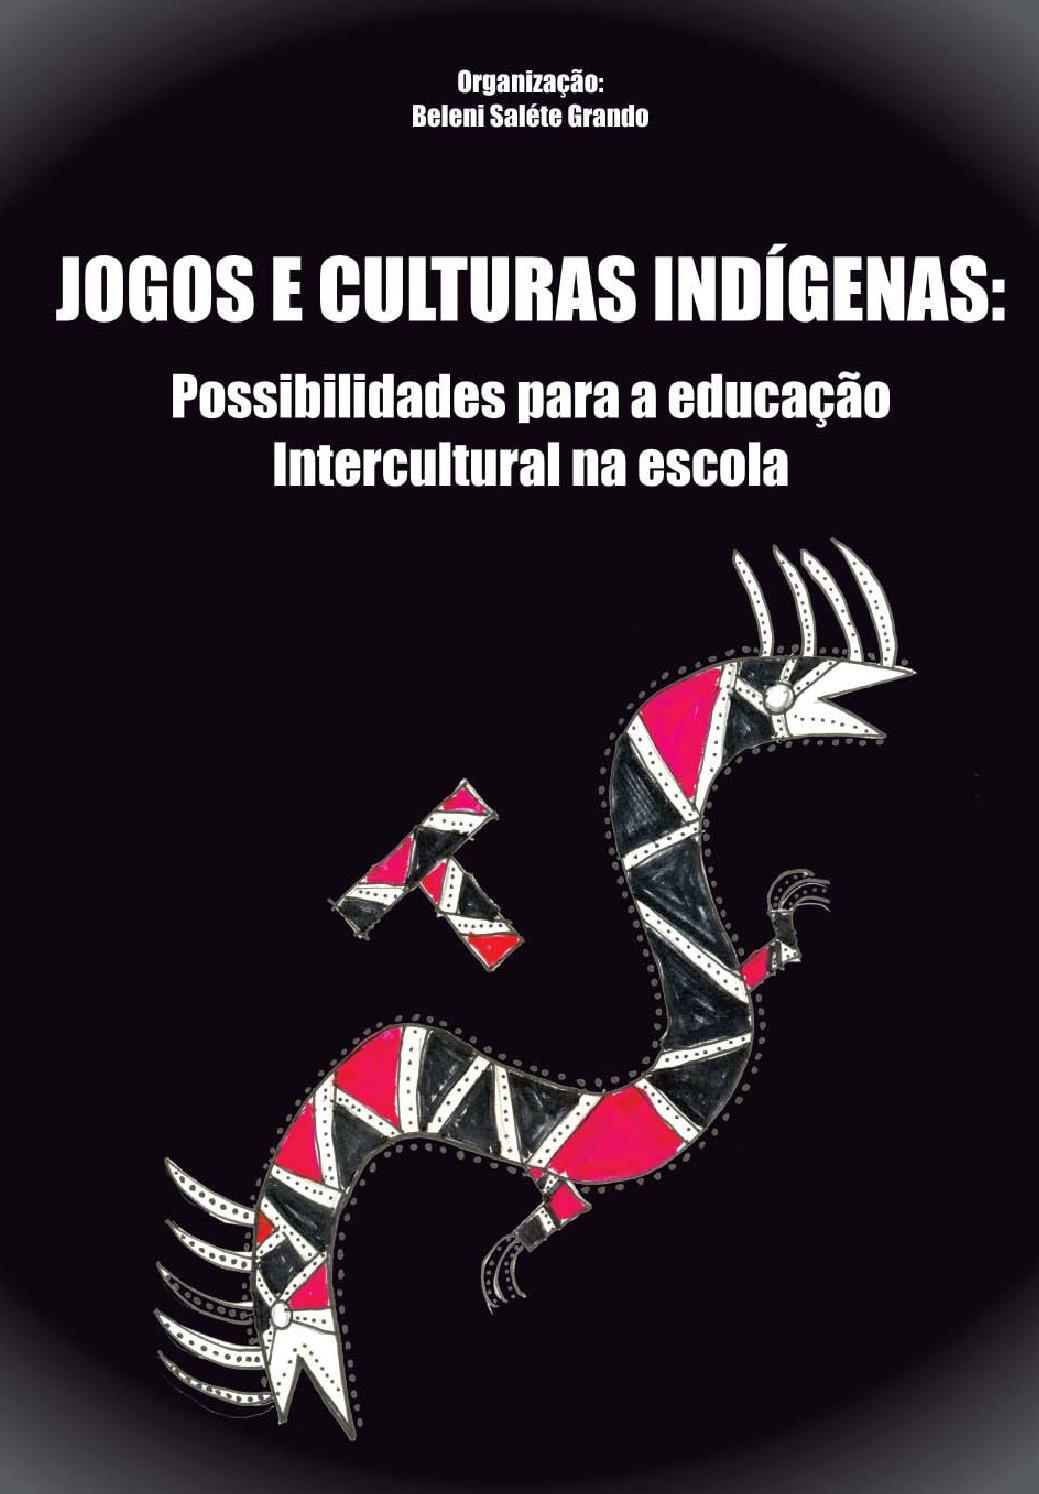 1c48cb08fd Jogos e Culturas Indígenas  Possibilidades para a Educação Intercultural na  Escola by Secretaria de Estado da Educação de Santa Catarina - issuu